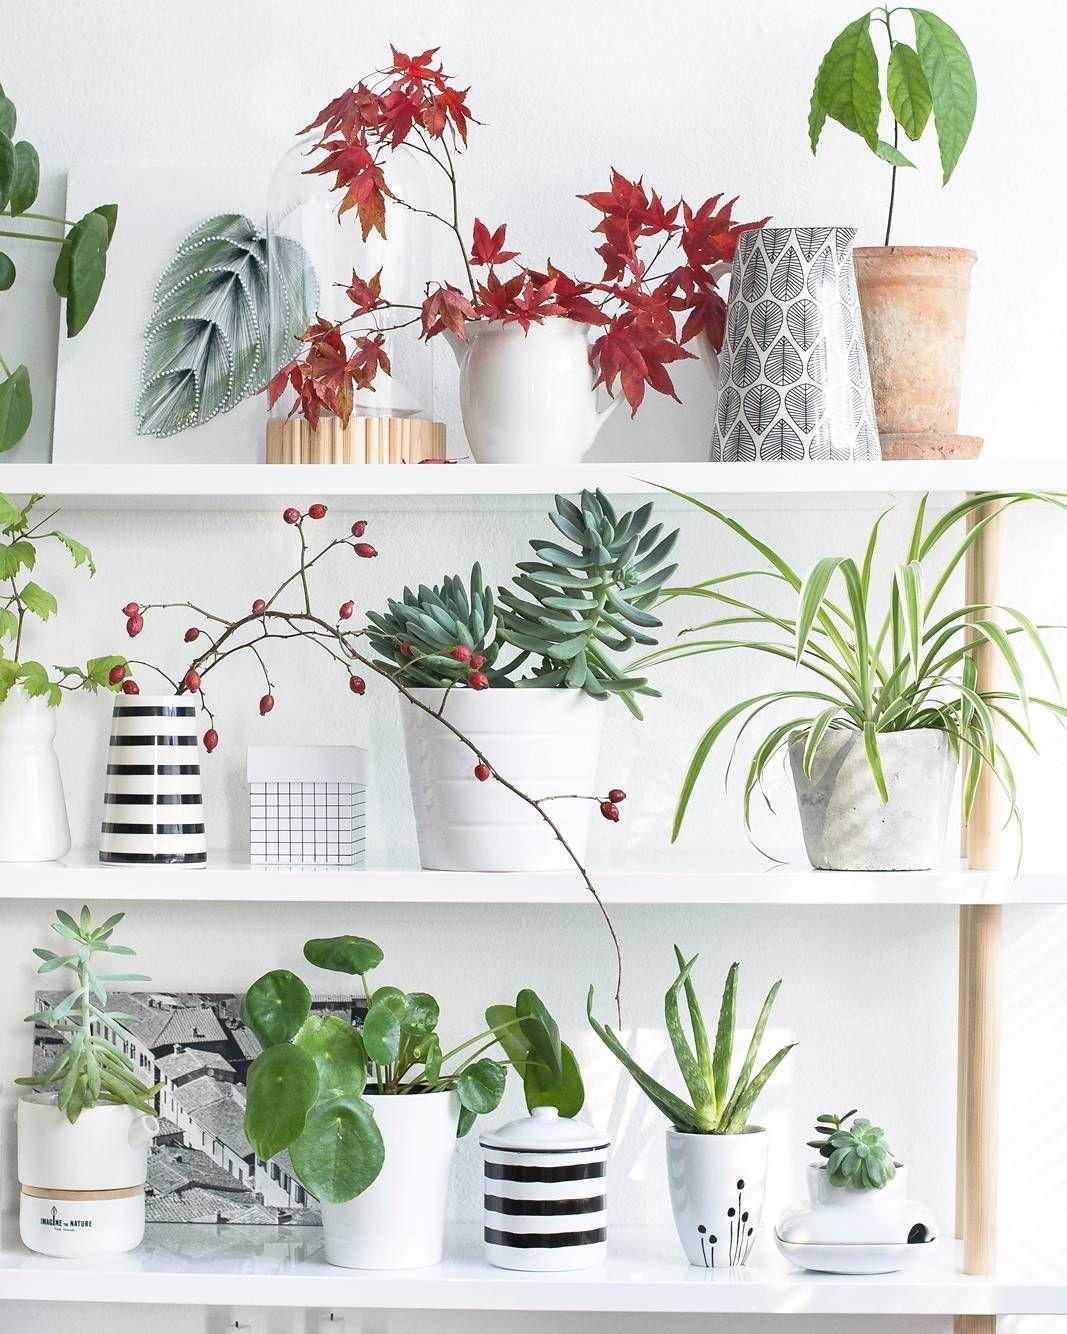 zimmerpflanzen versch nern wohnr ume und sorgen f r ein ausgeglichenes raumklima doch welche. Black Bedroom Furniture Sets. Home Design Ideas